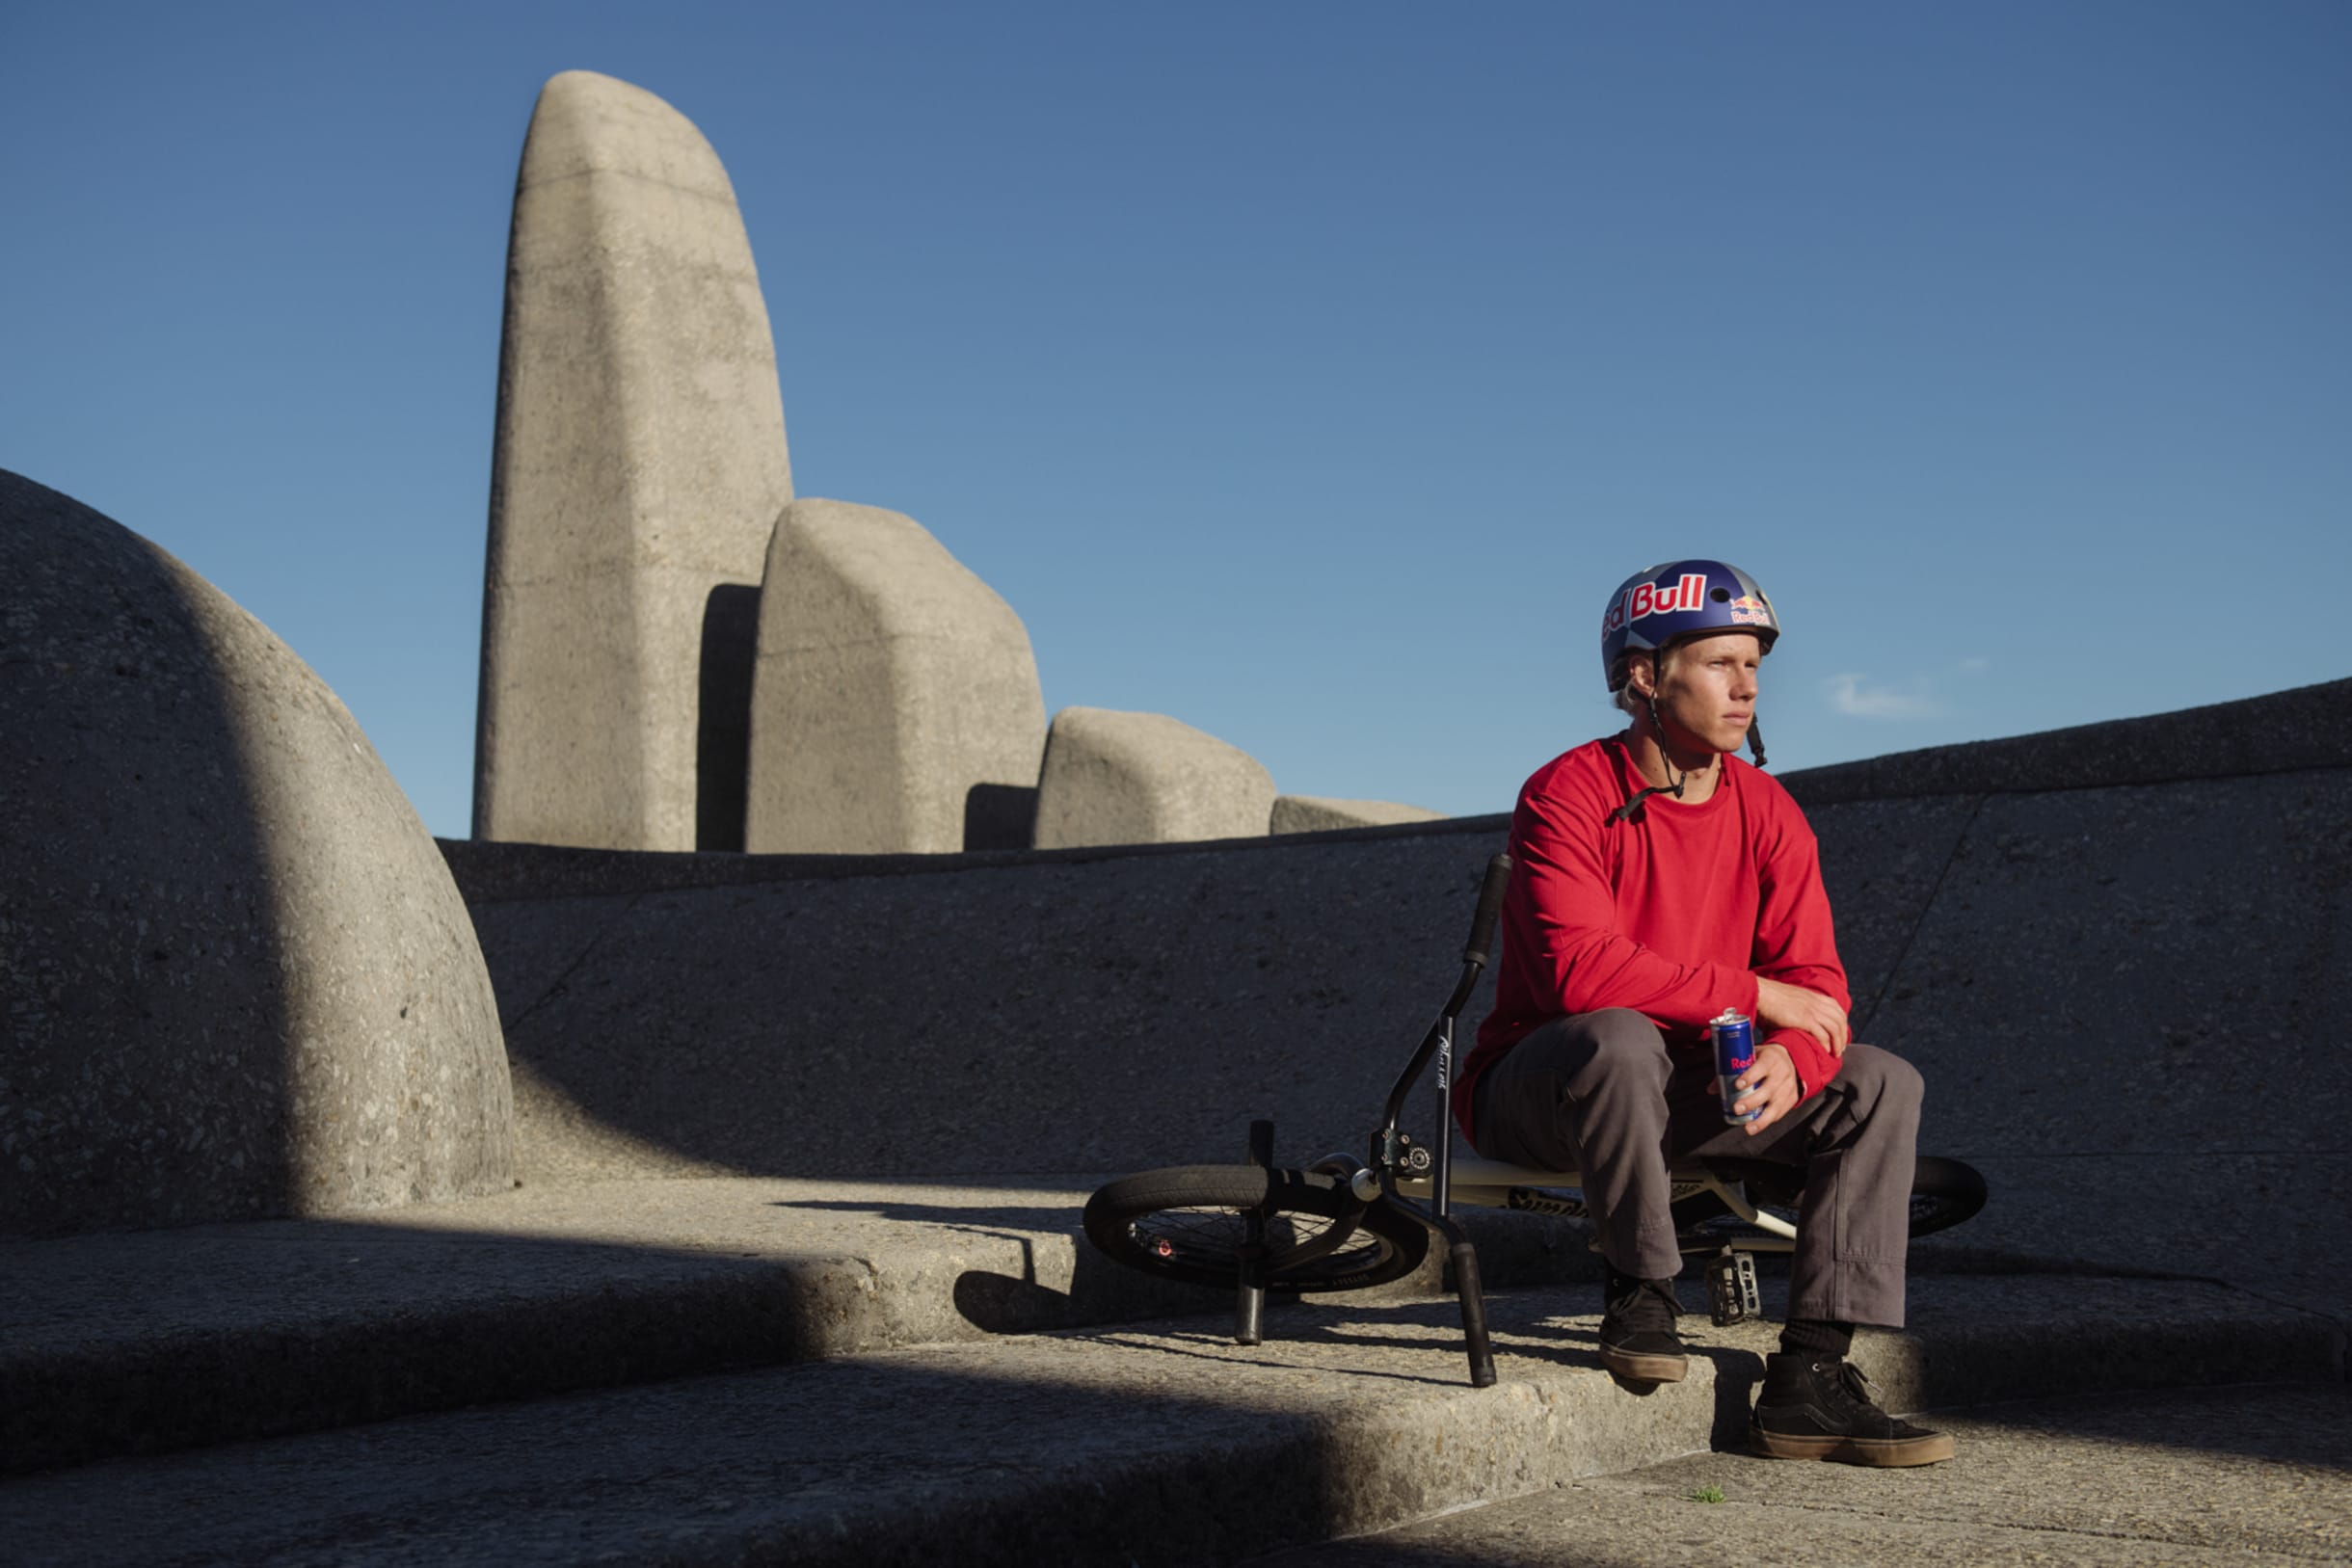 Murray Loubser delante del Afrikaans Language Monument en Sudáfrica.